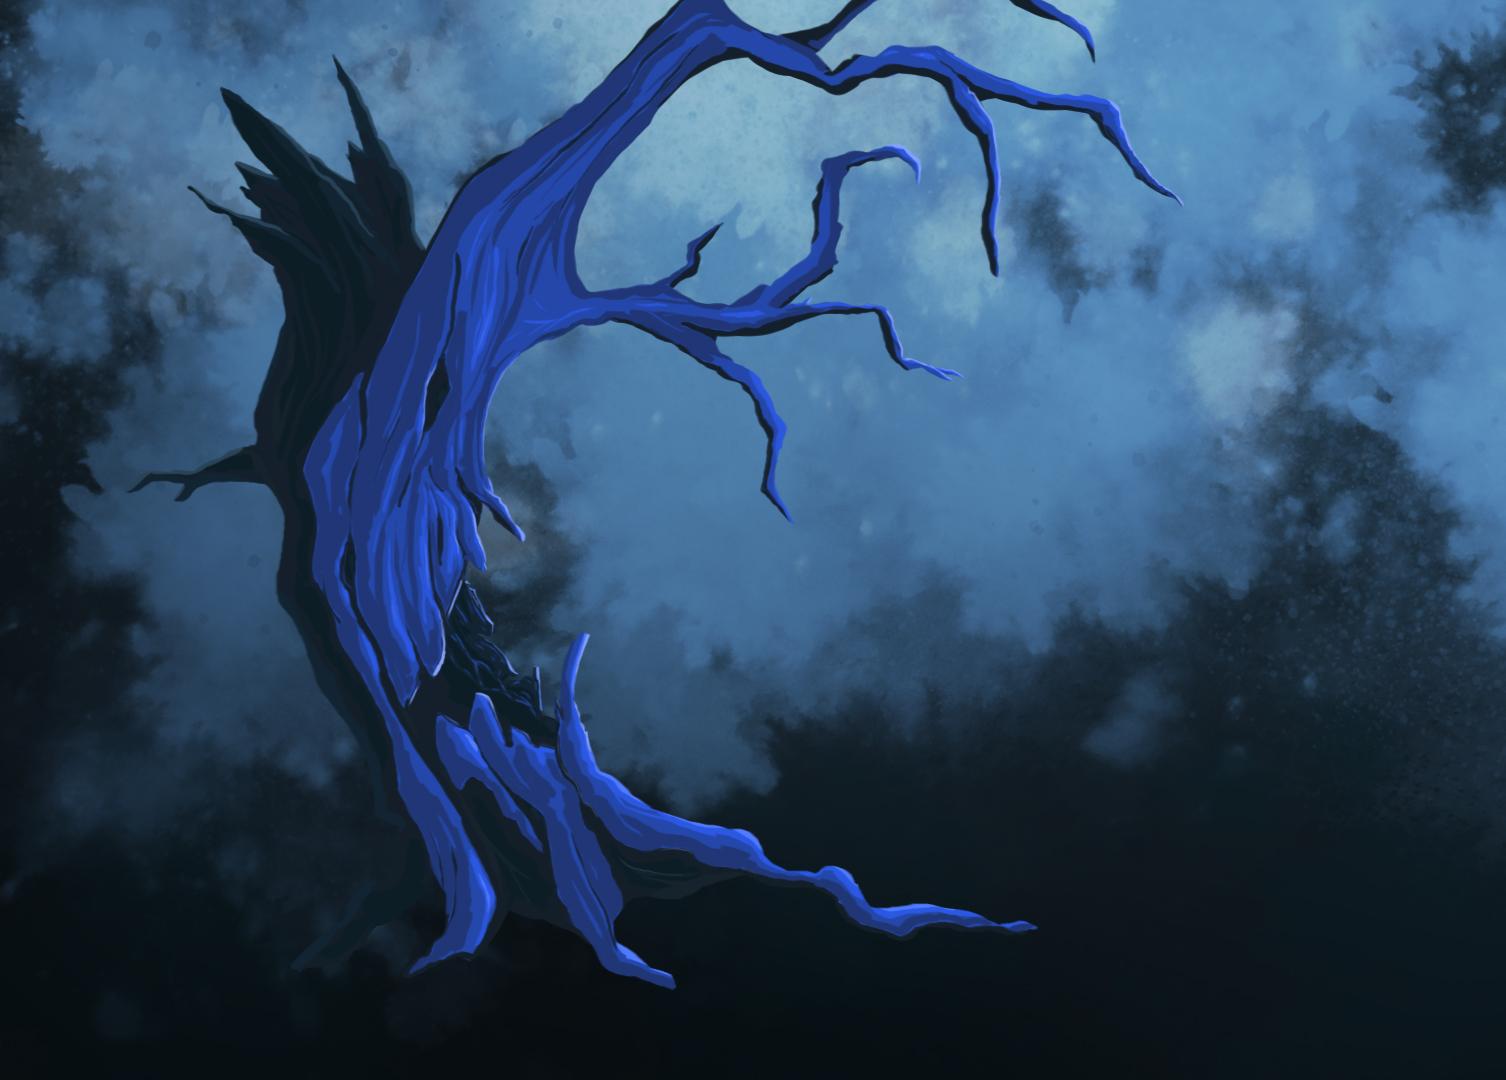 Old Blue Tree